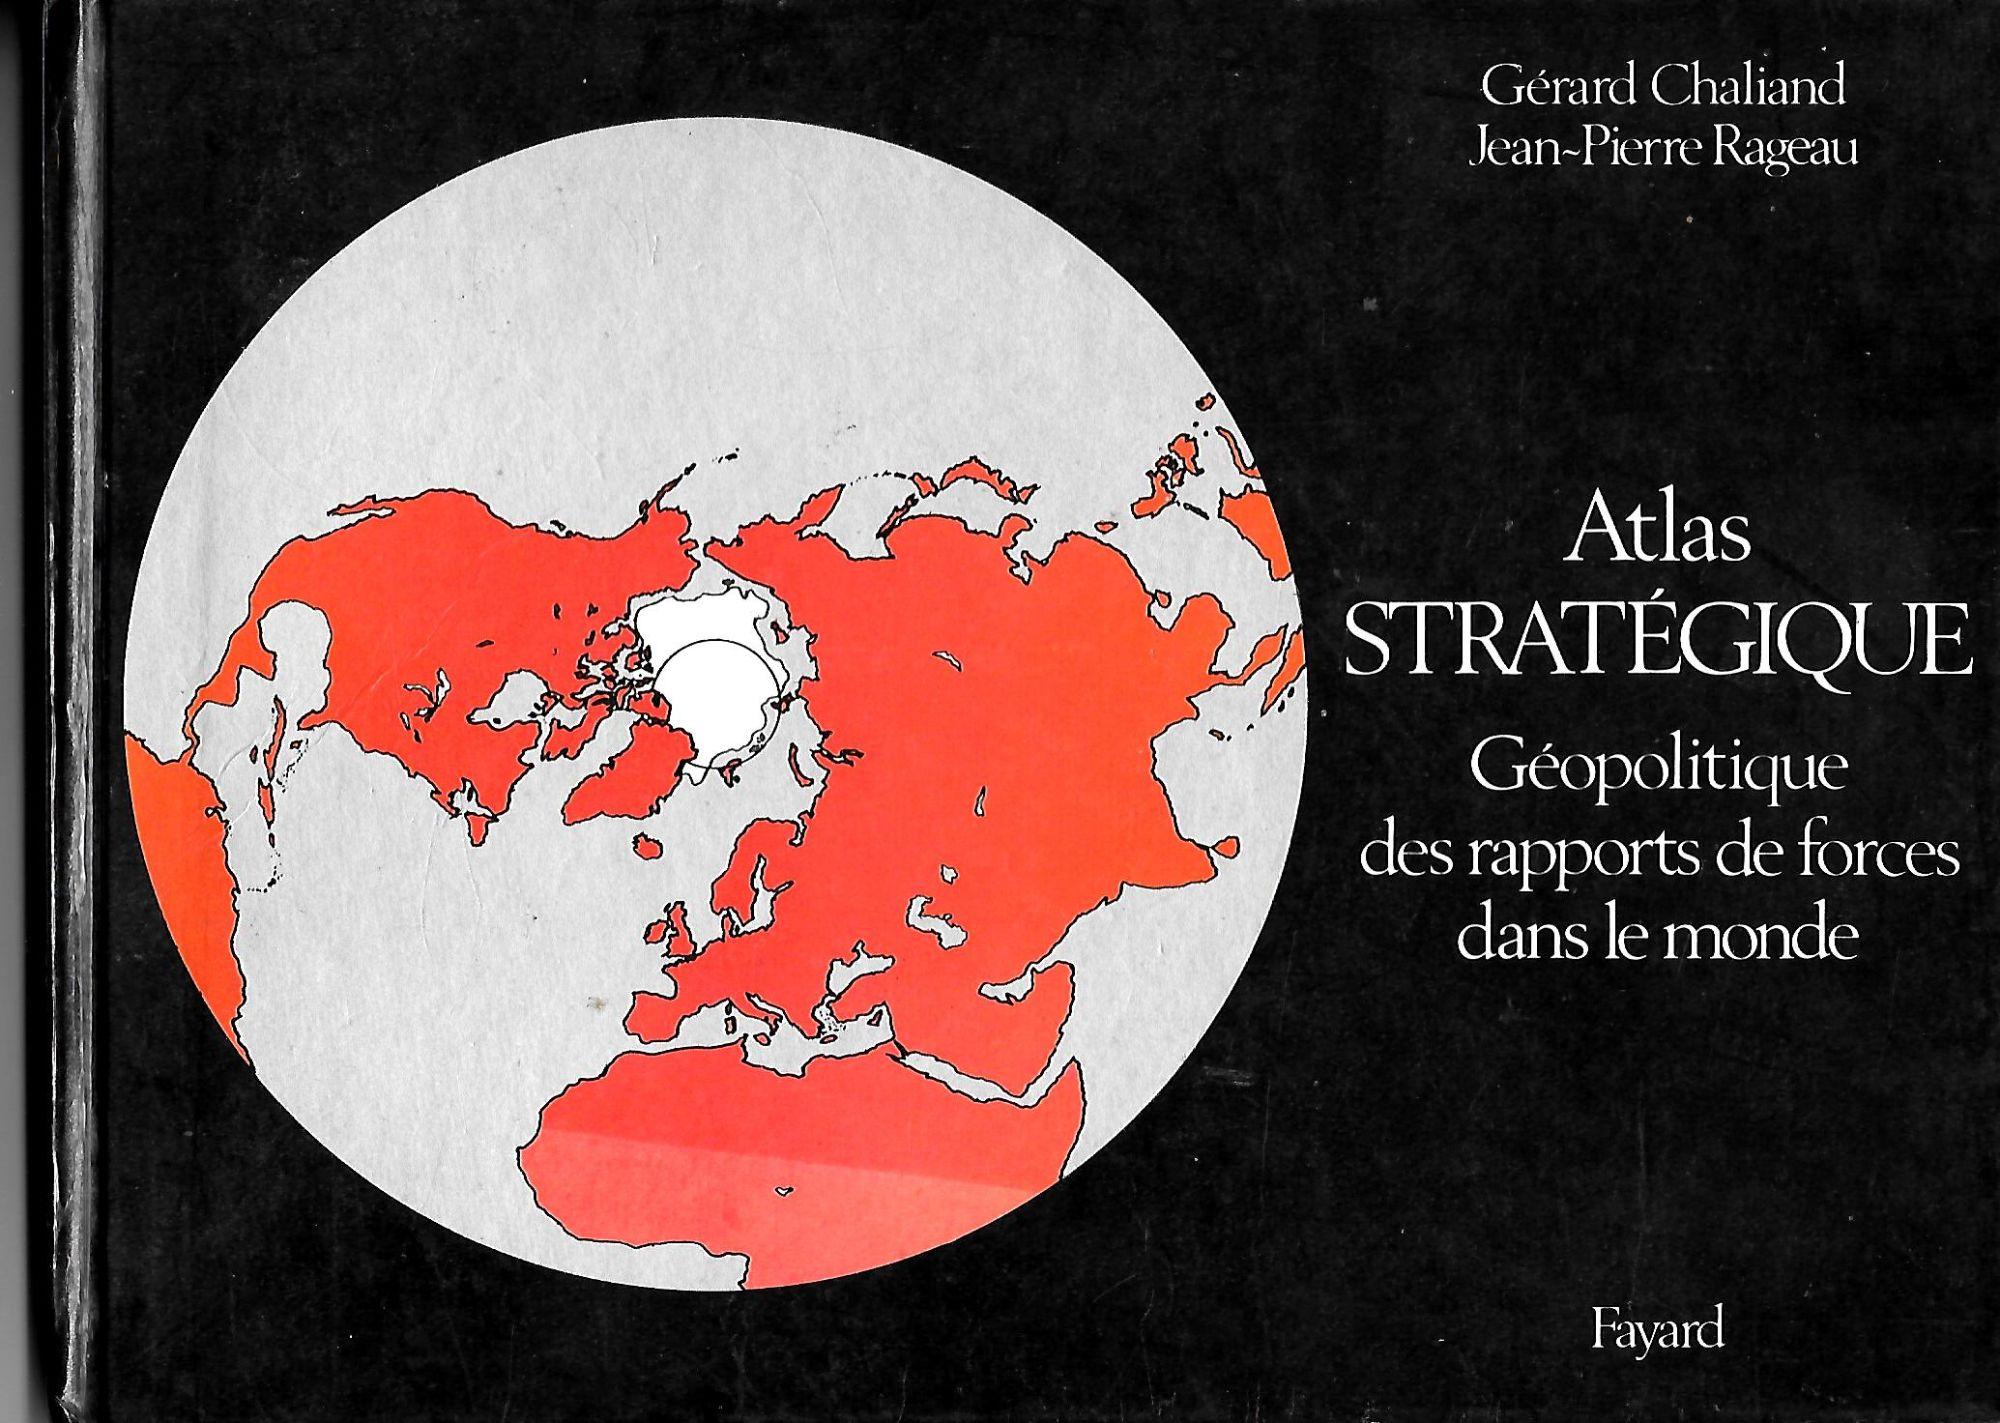 Couverture de Atlas strategique et geopolitique